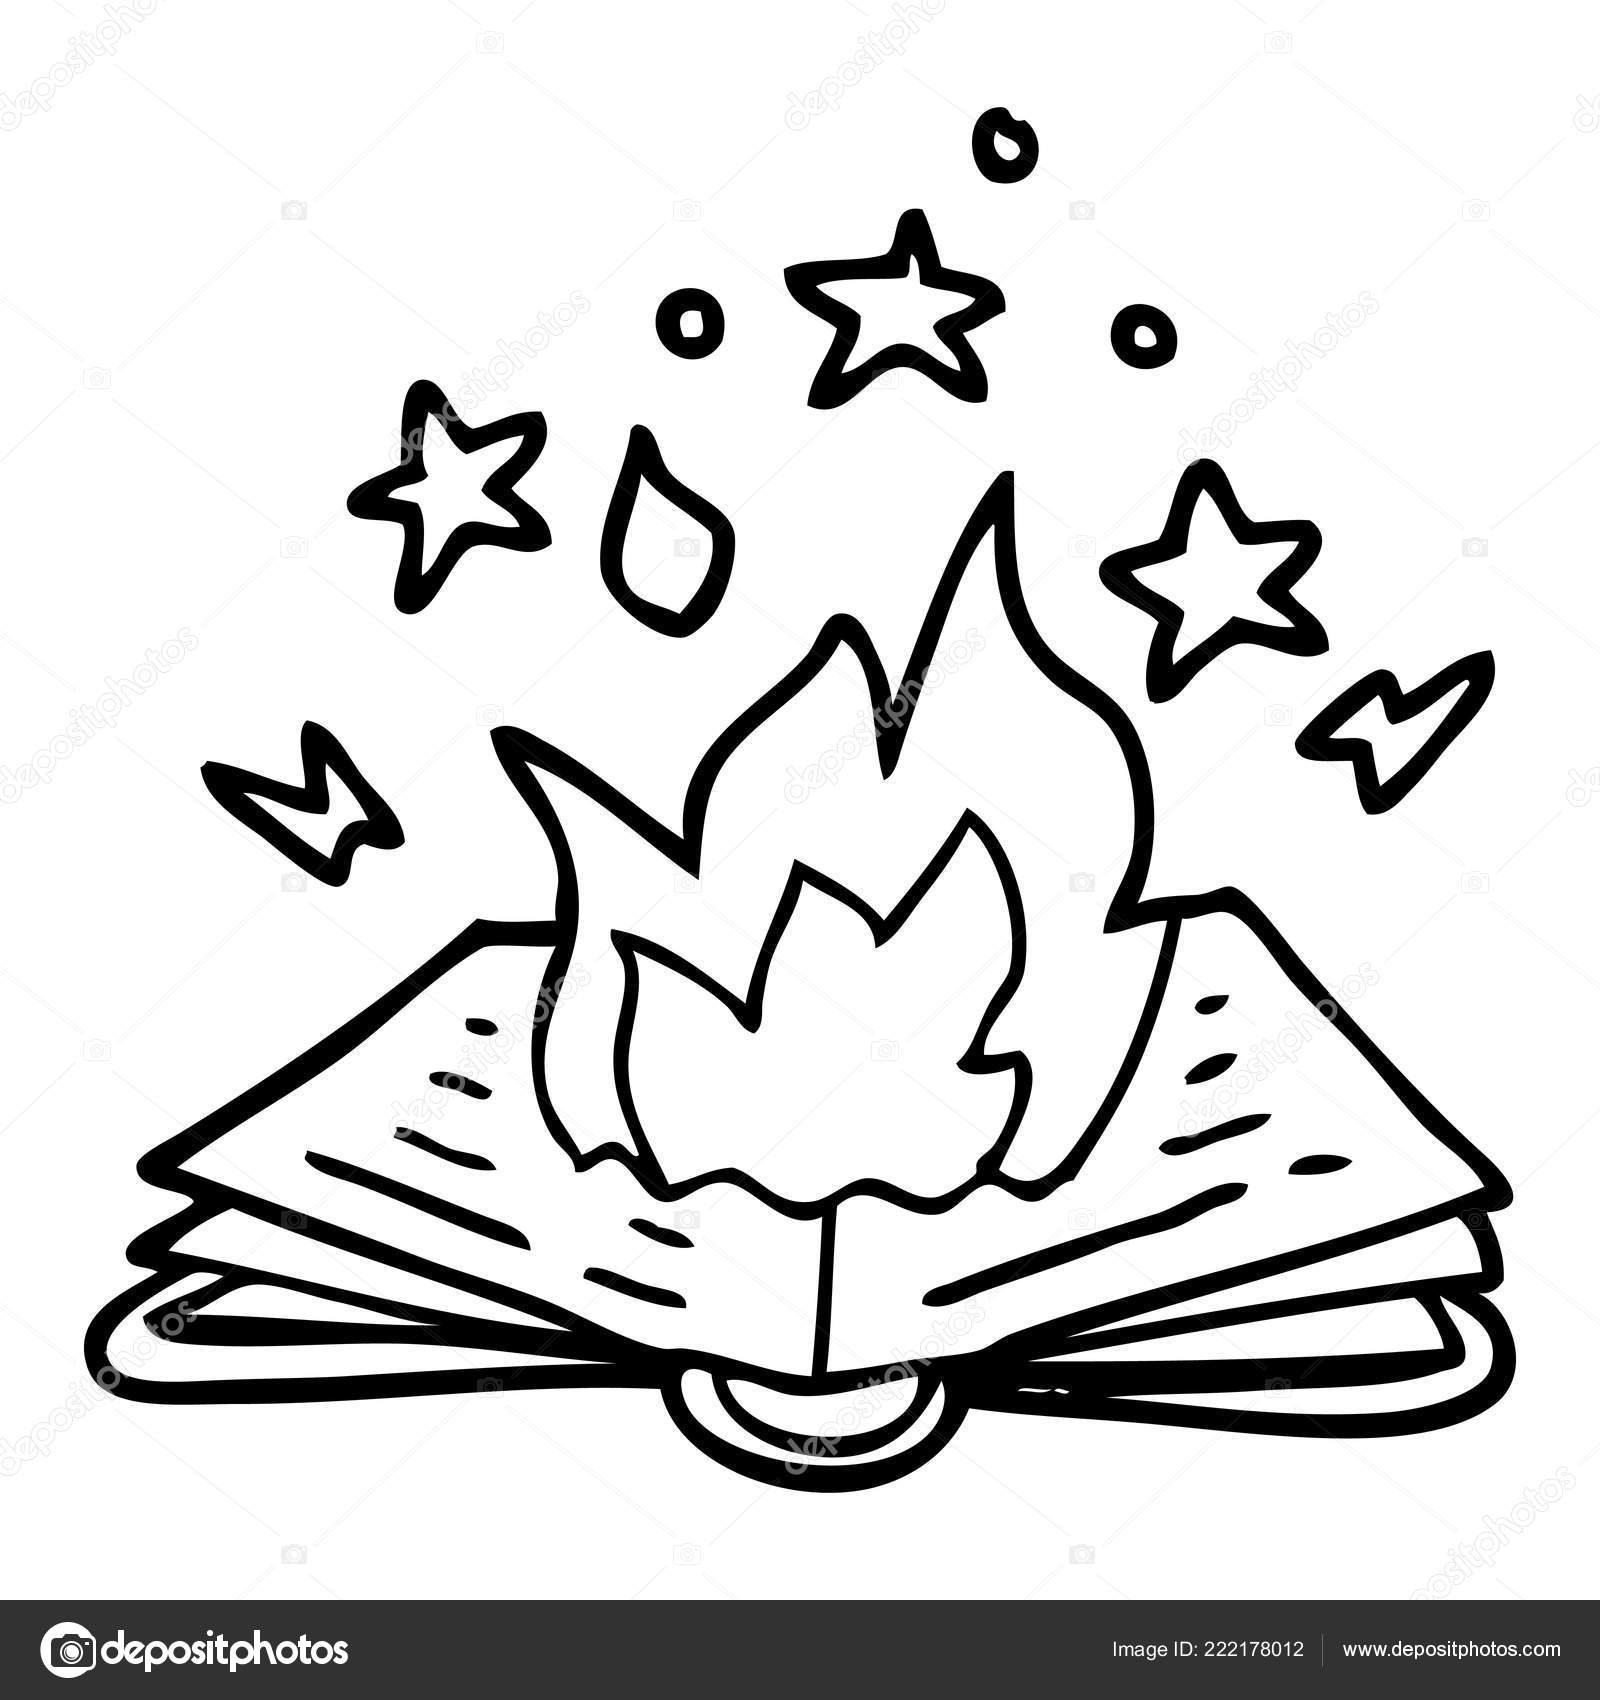 Livre Sorts Pour Dessin Anime Dessin Trait Image